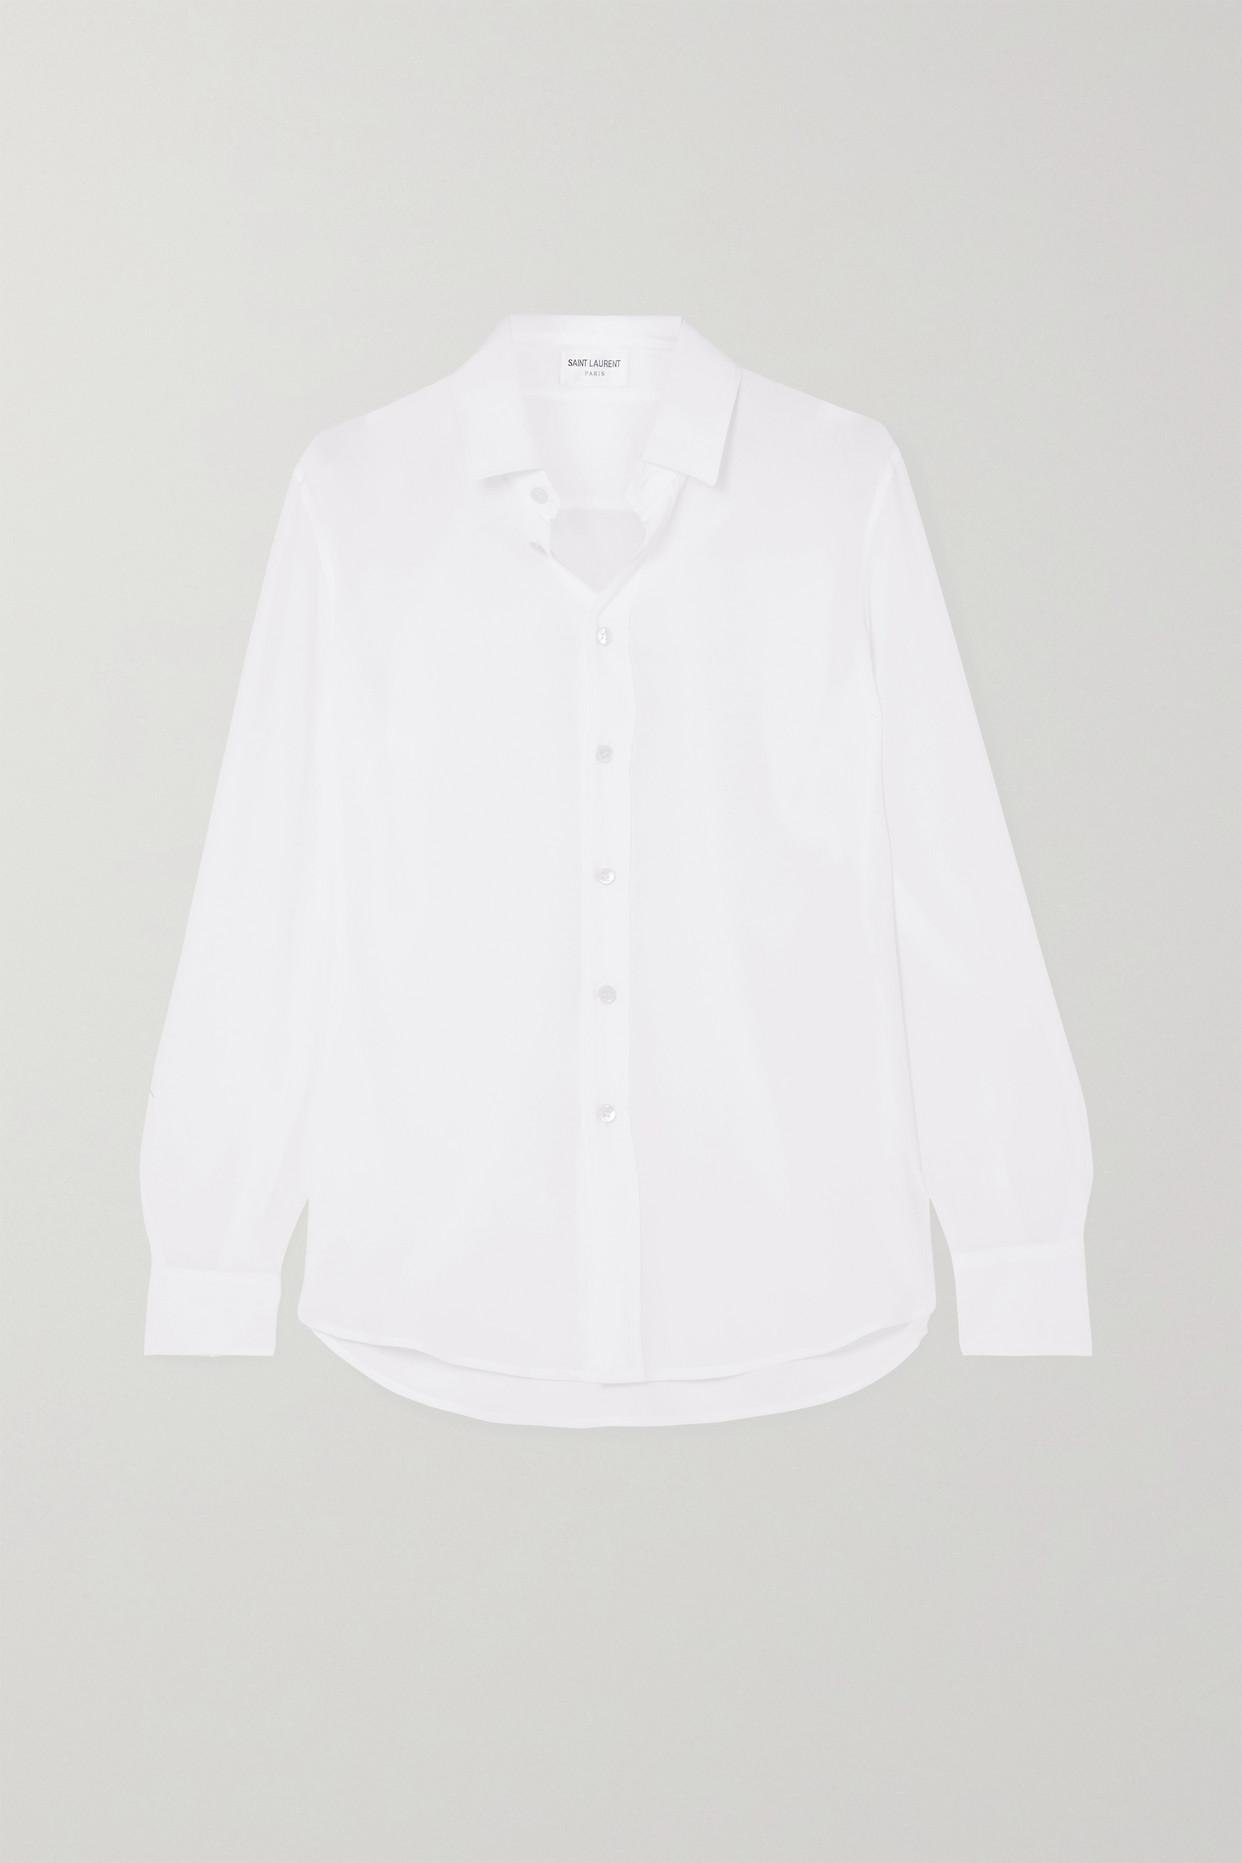 SAINT LAURENT - Silk Crepe De Chine Shirt - White - FR38